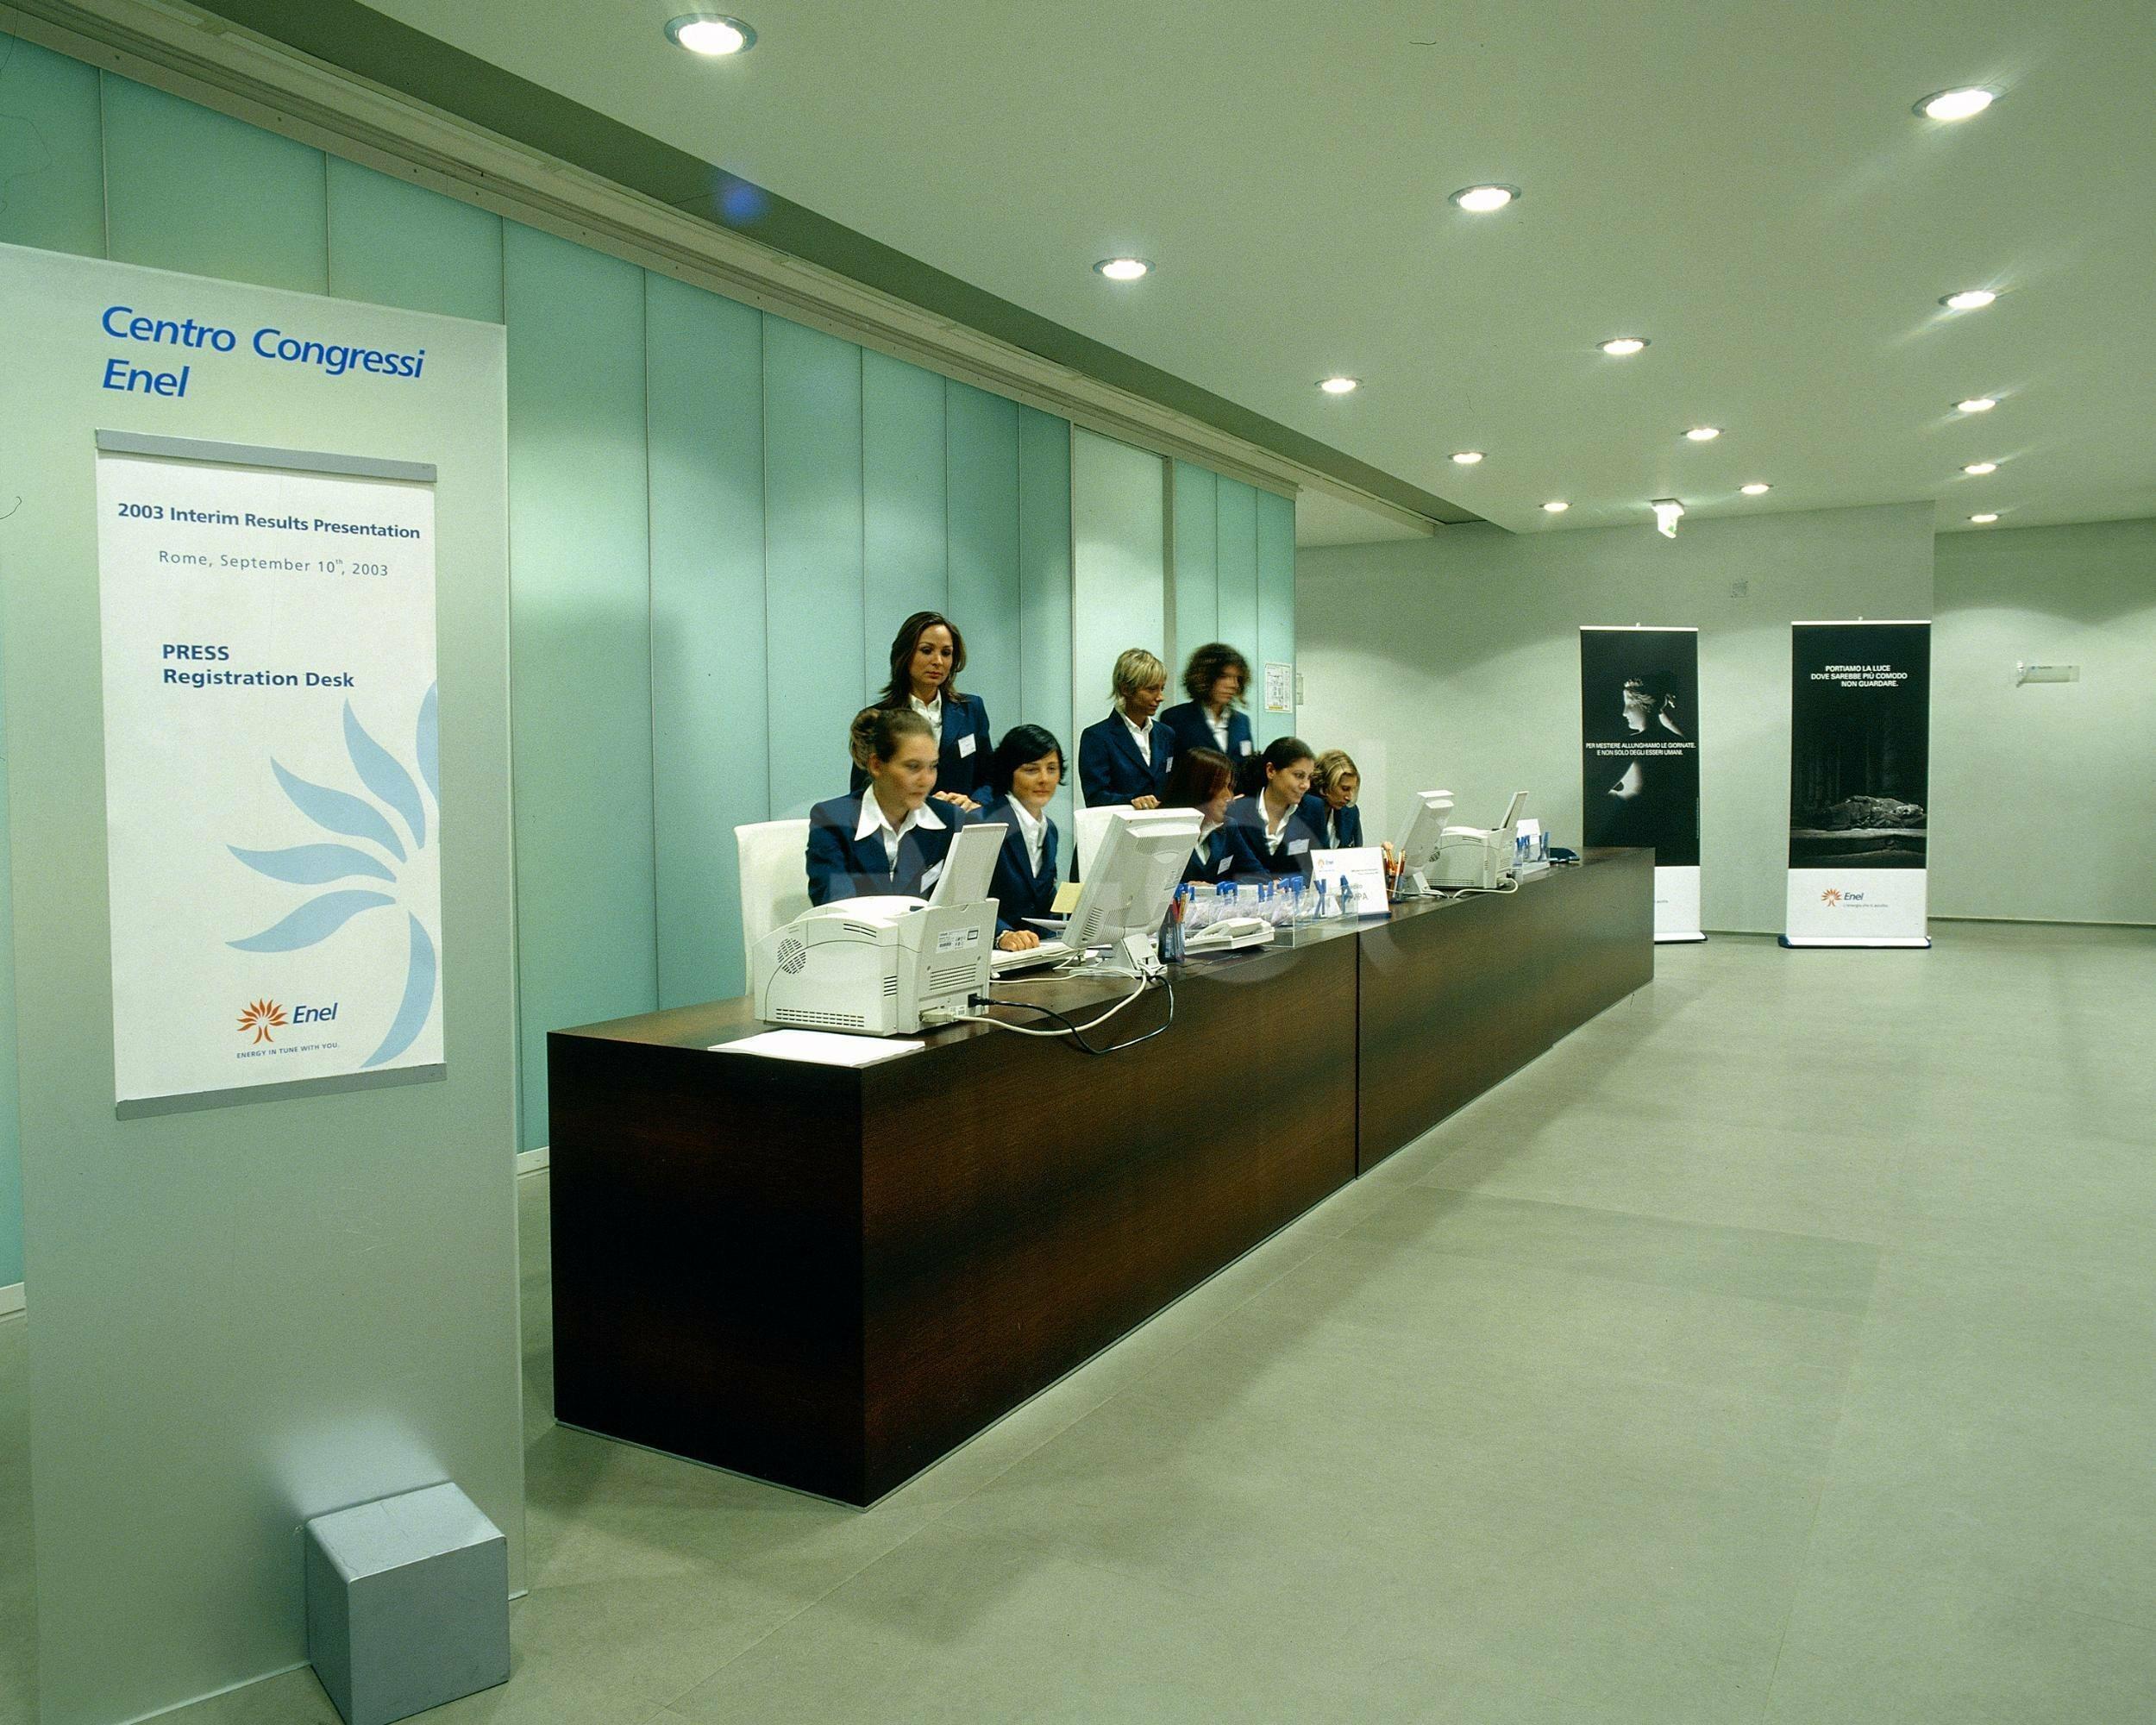 centro congressi: reception